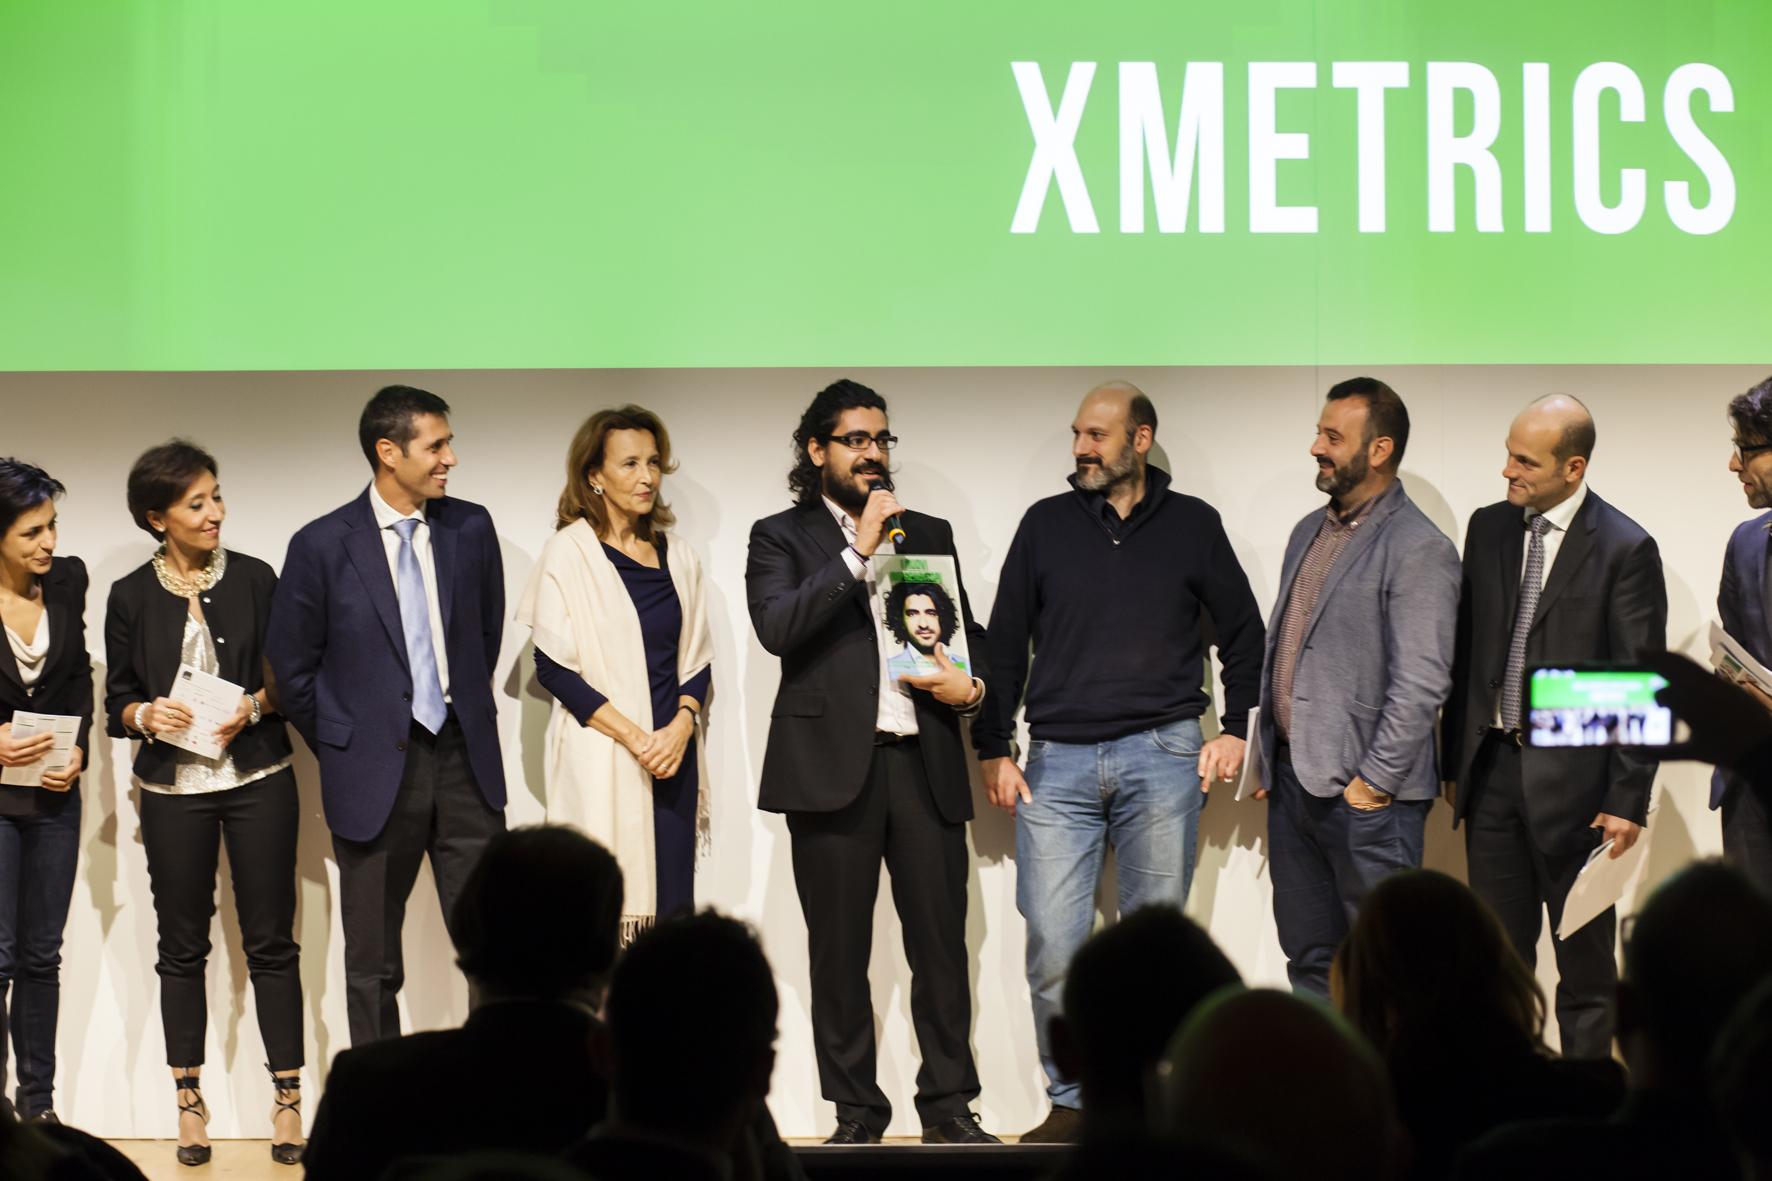 Andrea Rinaldo ritira il Premio dall'idea all'impresa a nome del team Xmetrics